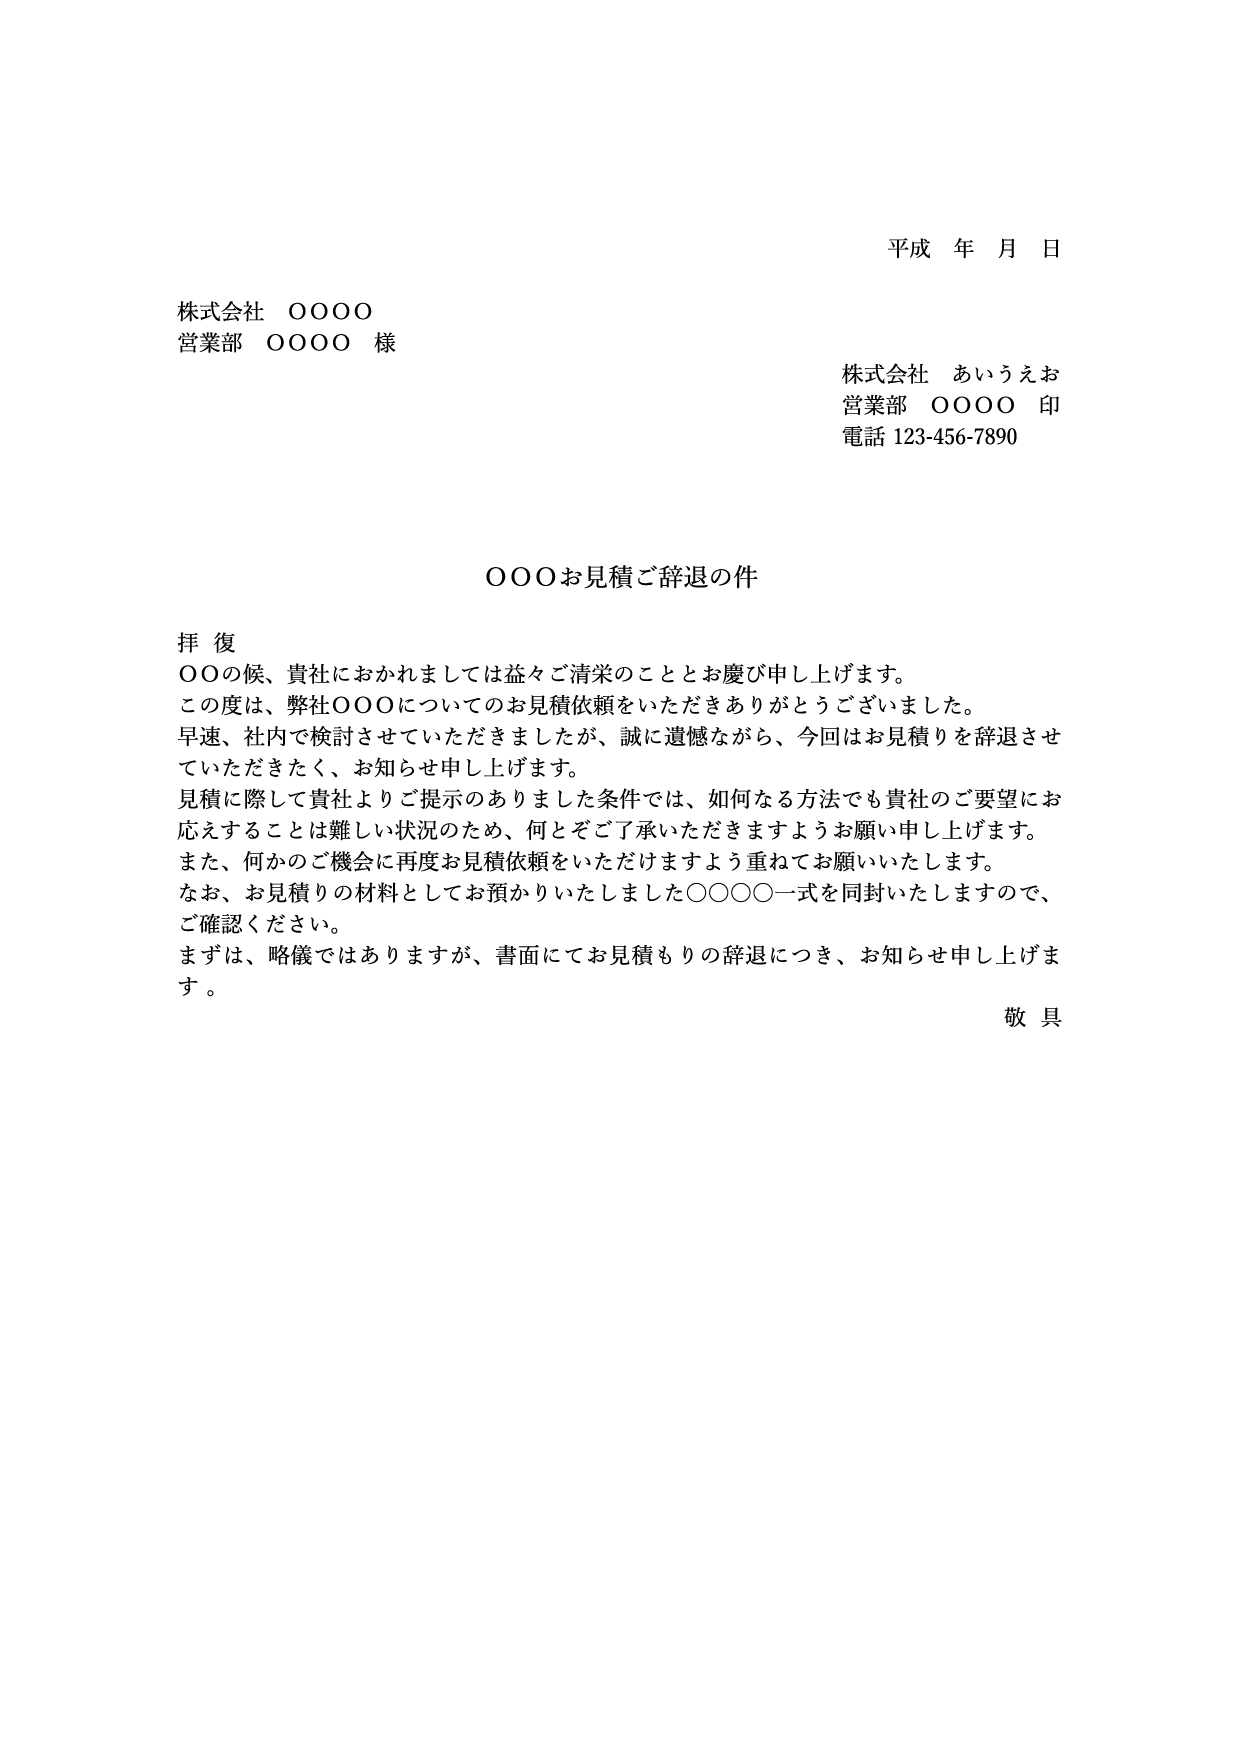 文例テンプレートお断り『見積依頼』(ワード・ページズ)